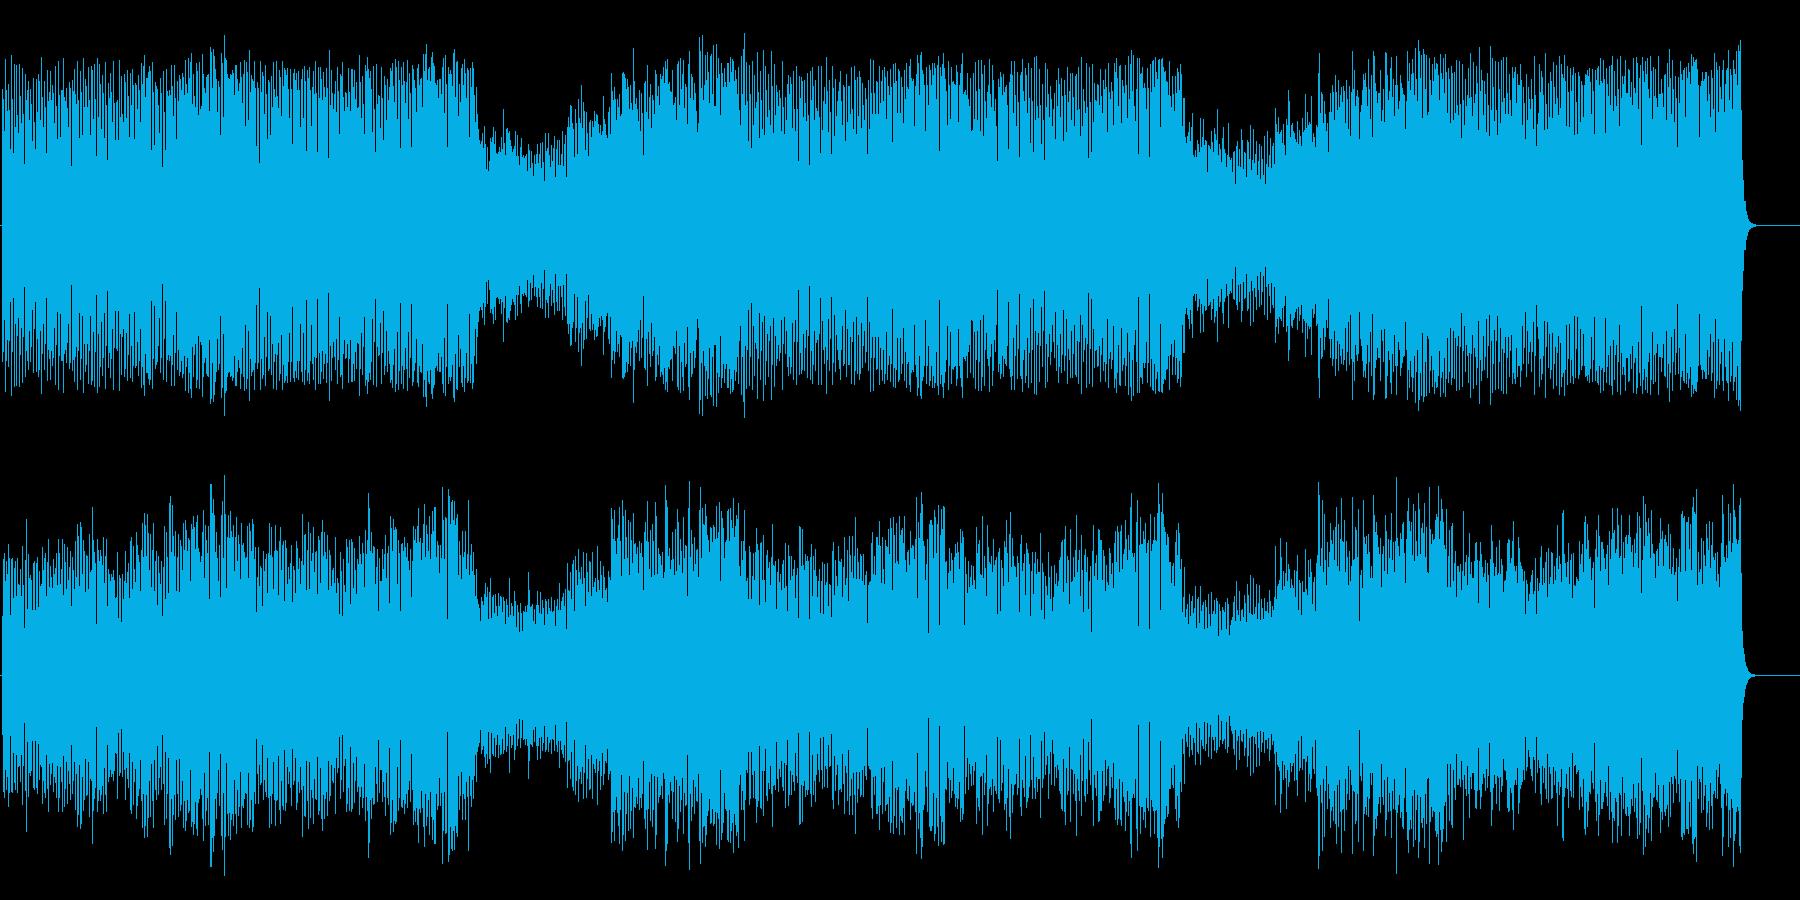 冒険ファンタジー風マイナー・オーケストラの再生済みの波形